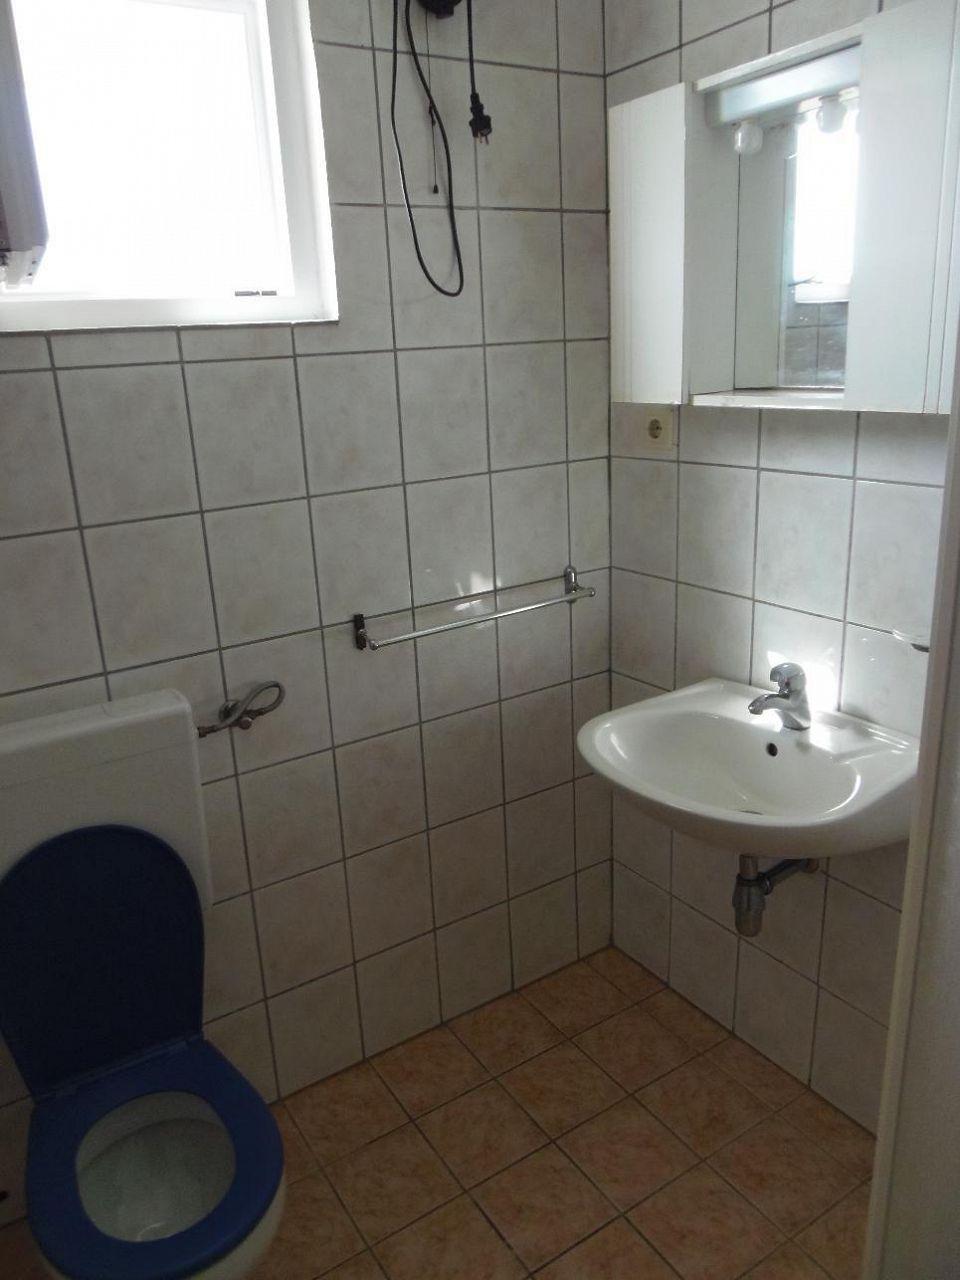 2235 - Povljana - Appartementen Kroatië - A1 mali (2+2): badkamer met toilet